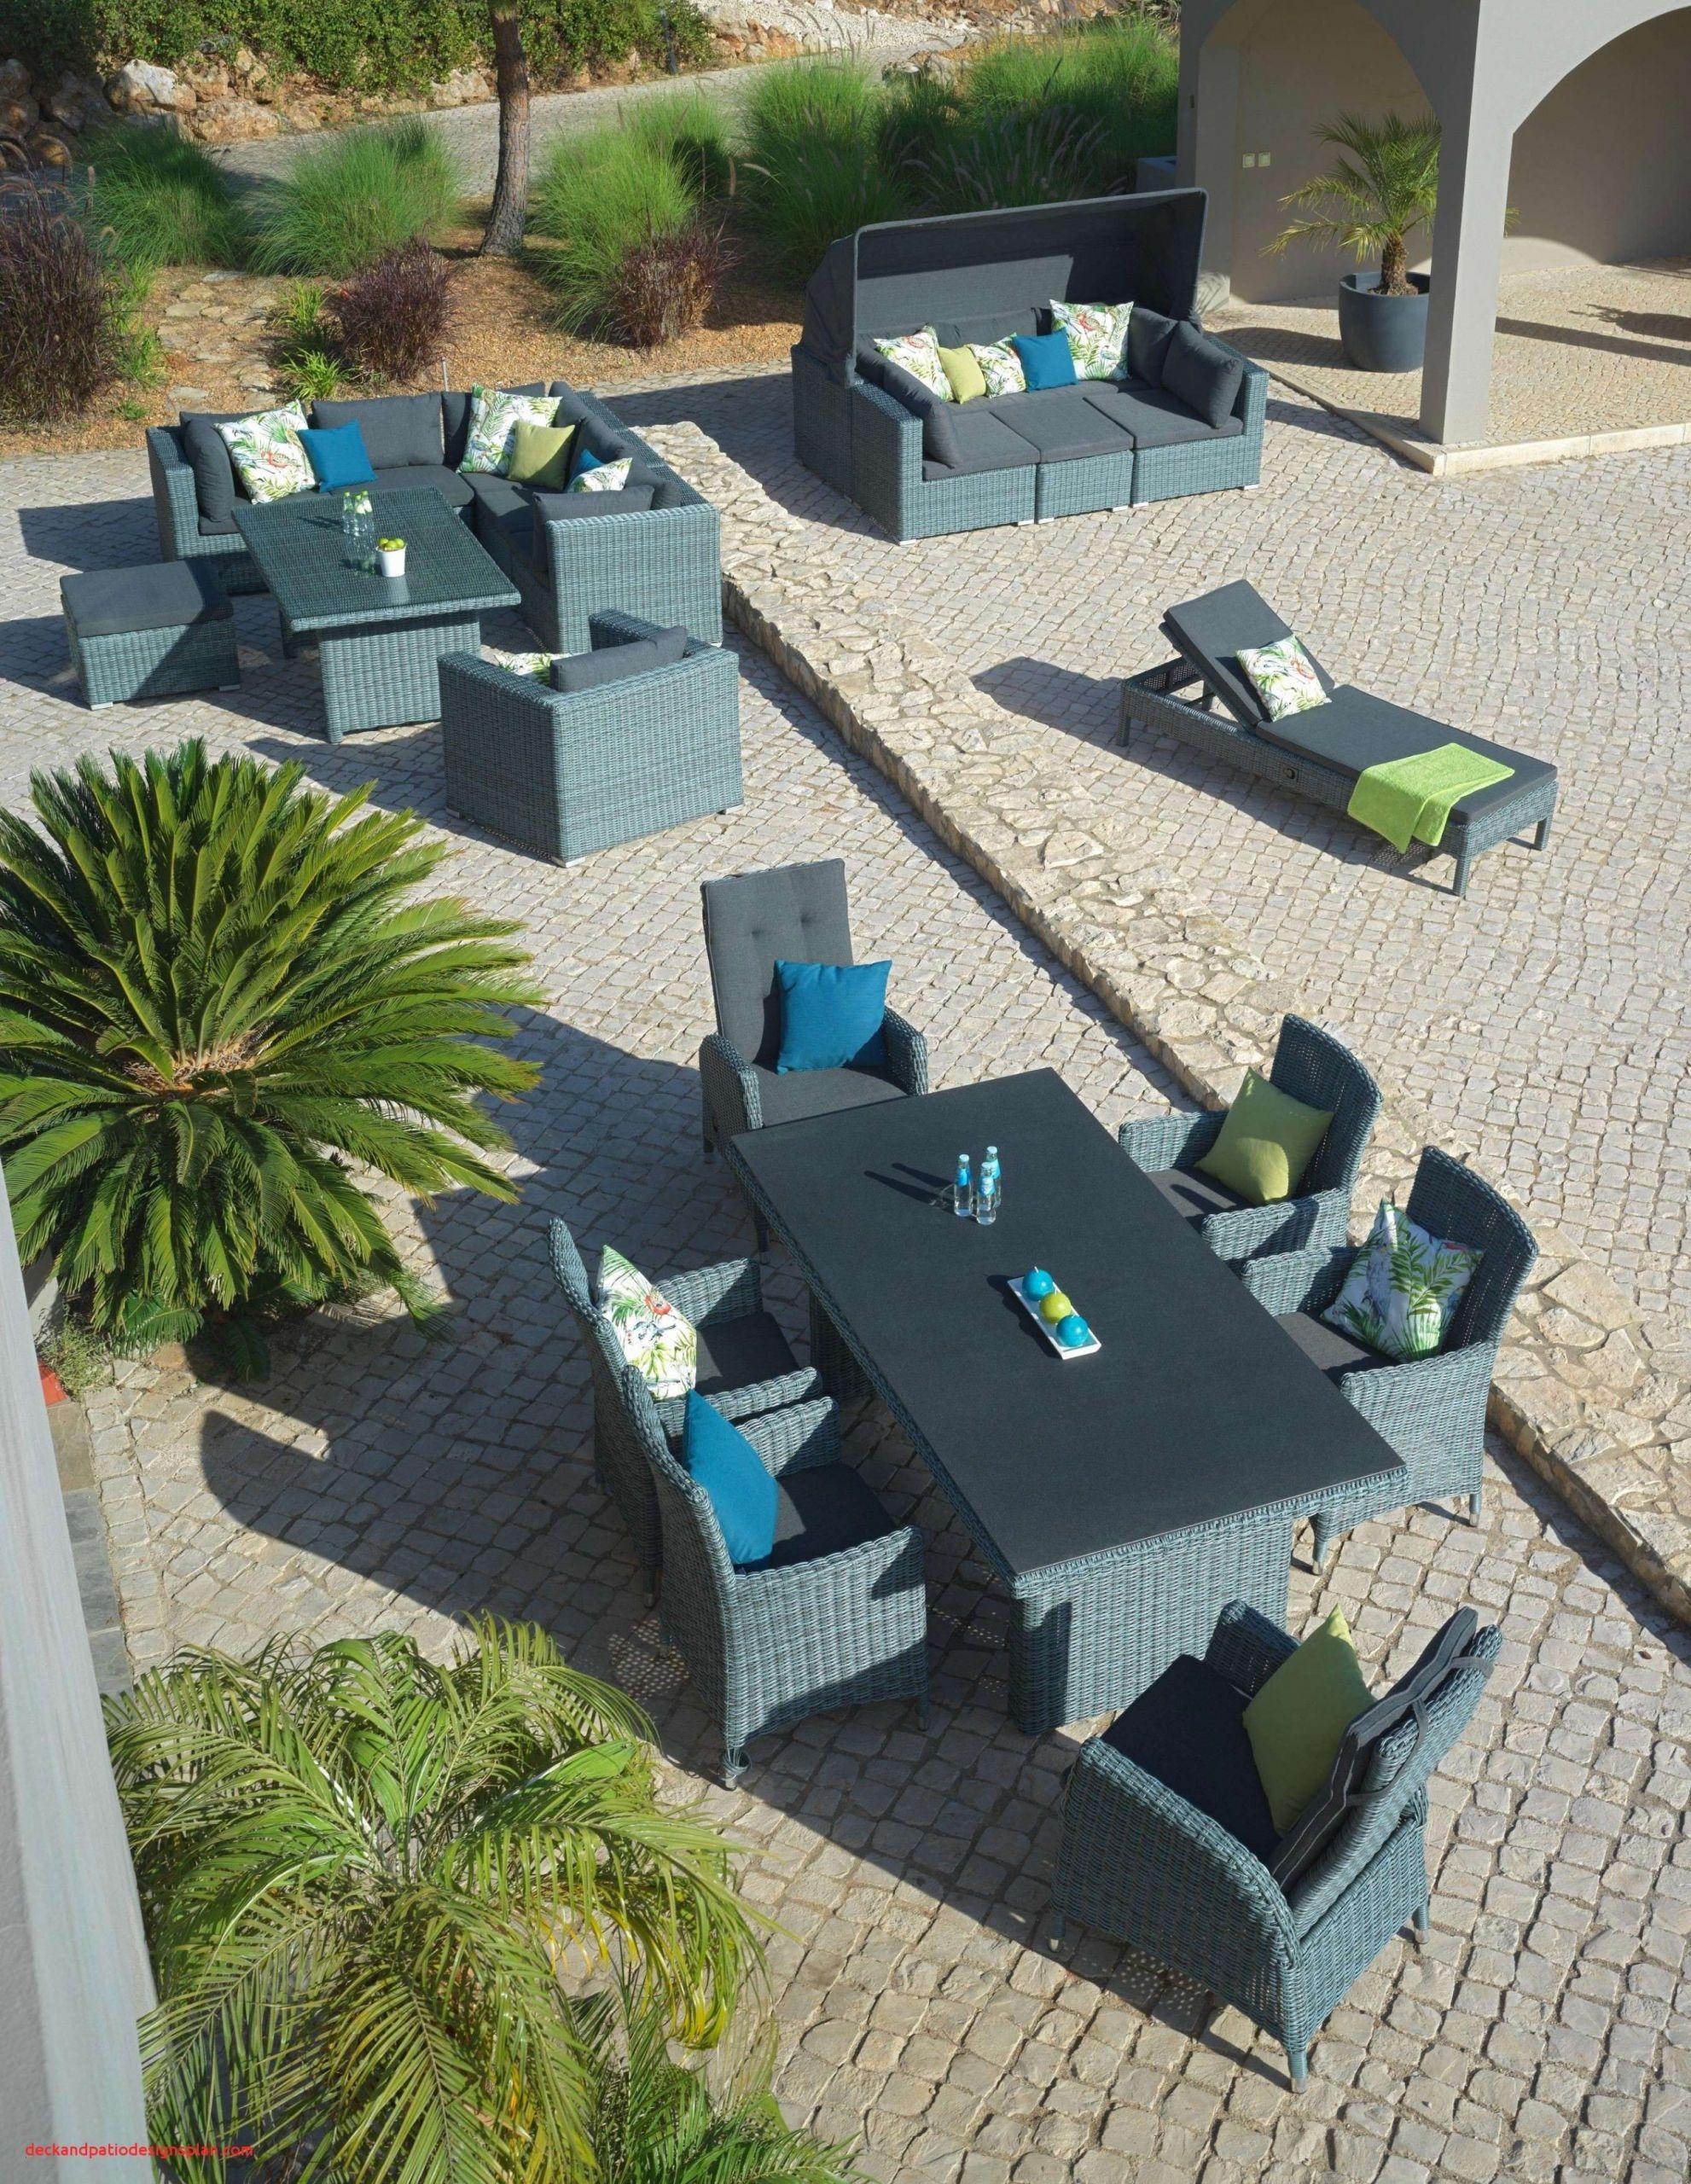 45 schon wasserspiel garten bild terrassengestaltung mit wasserspiel terrassengestaltung mit wasserspiel 2